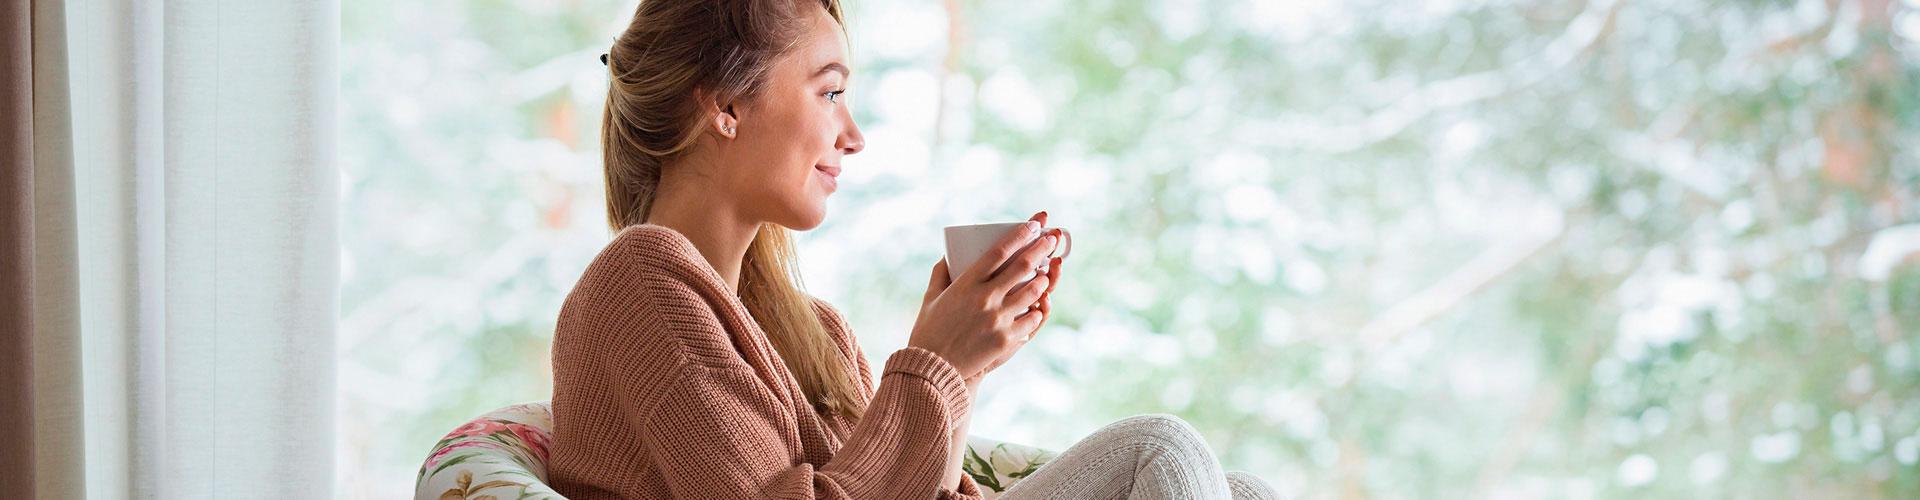 Frau sitzt im Sessel mit einer Tasse Tee in der Hand und schaut zufrieden vor sich